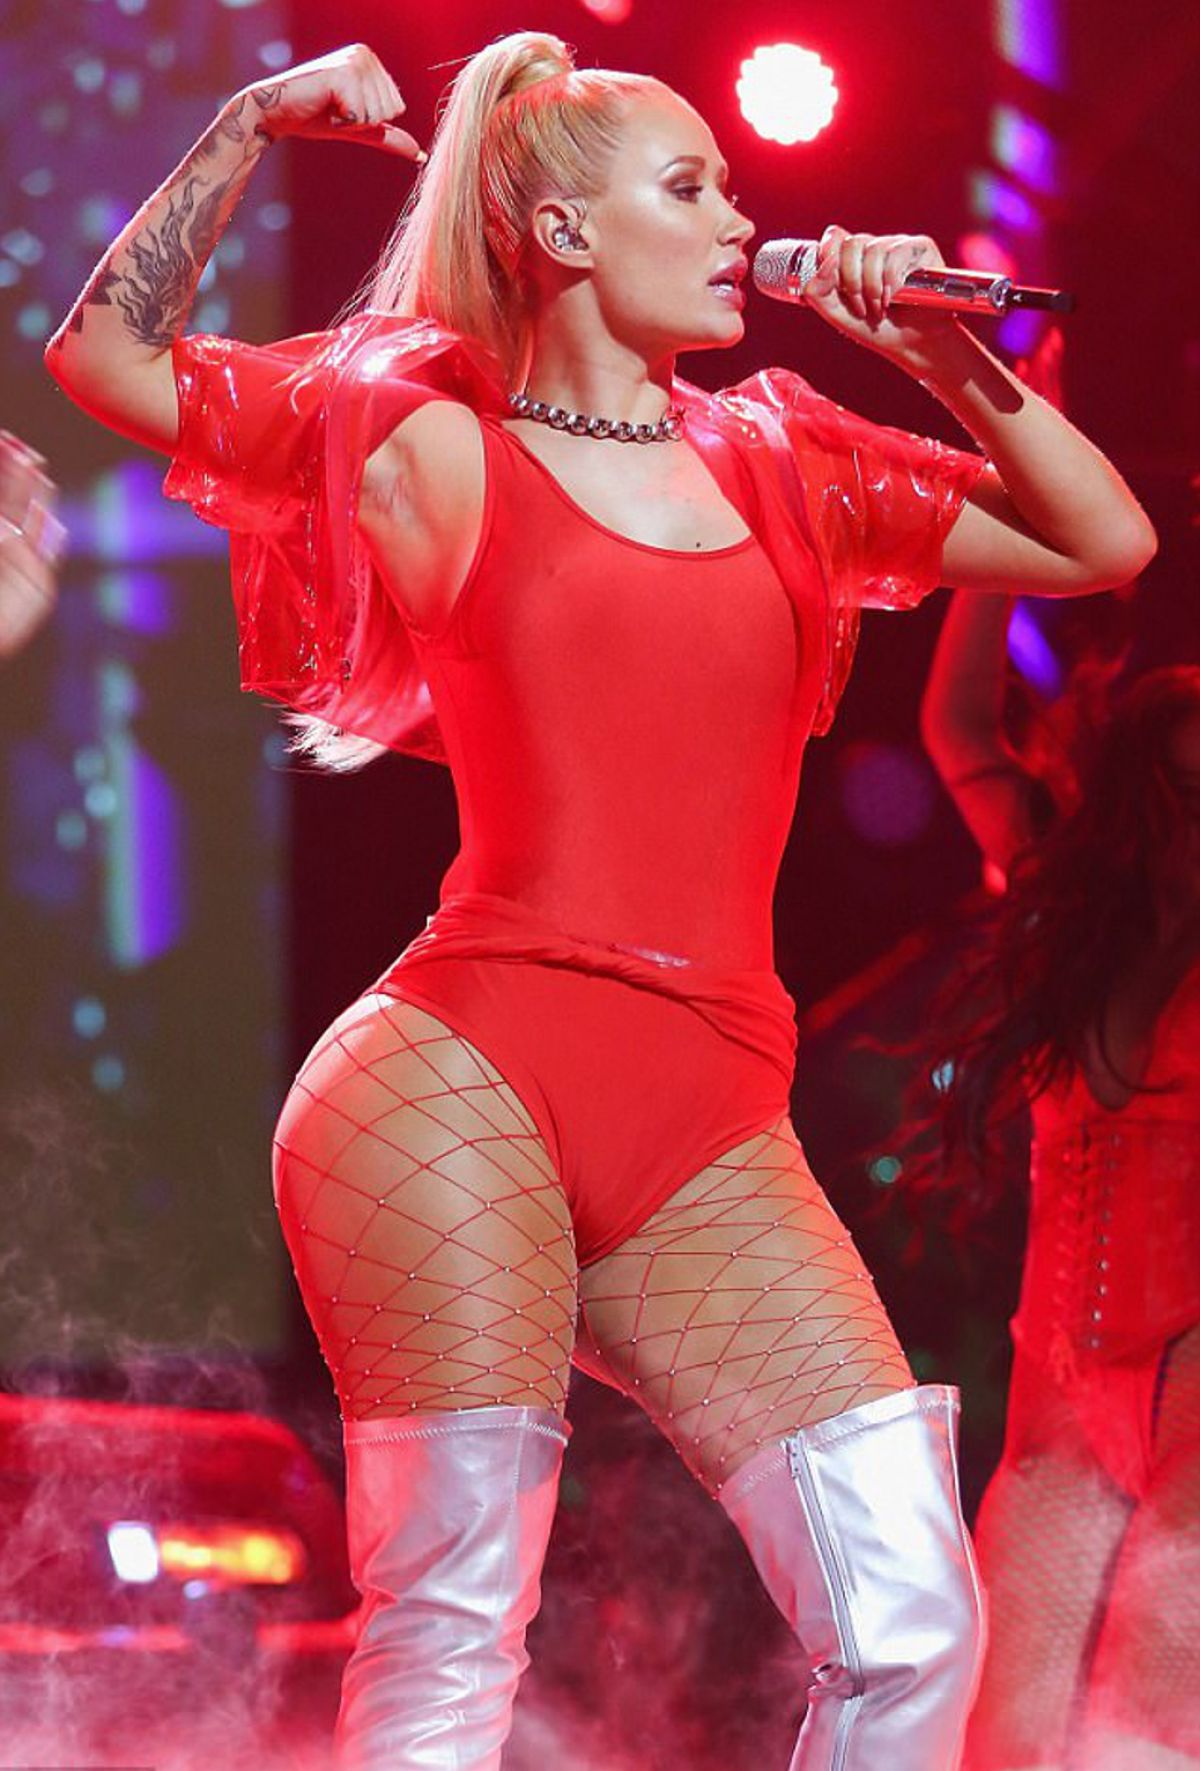 IGGY AZALEA Performs at MTV MIAW Awards in Mexico 06/04/2017